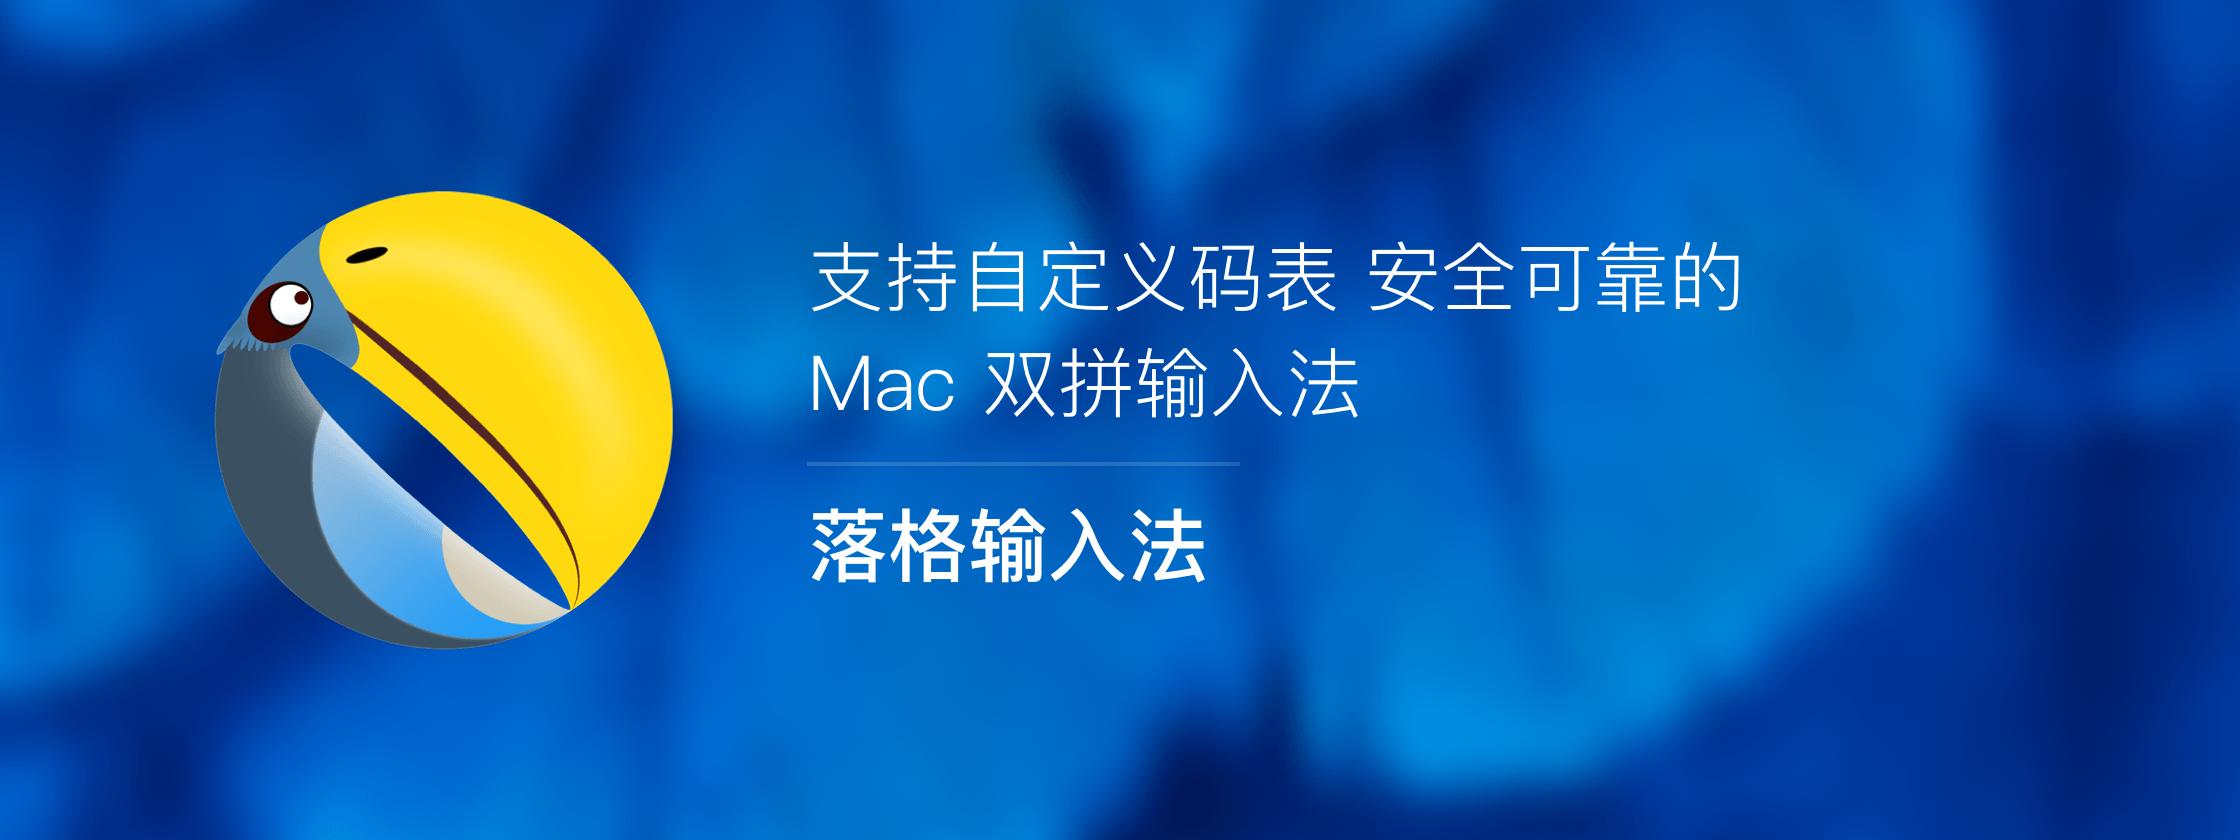 落格输入法,支持自定义码表,安全可靠的 macOS 双拼输入工具